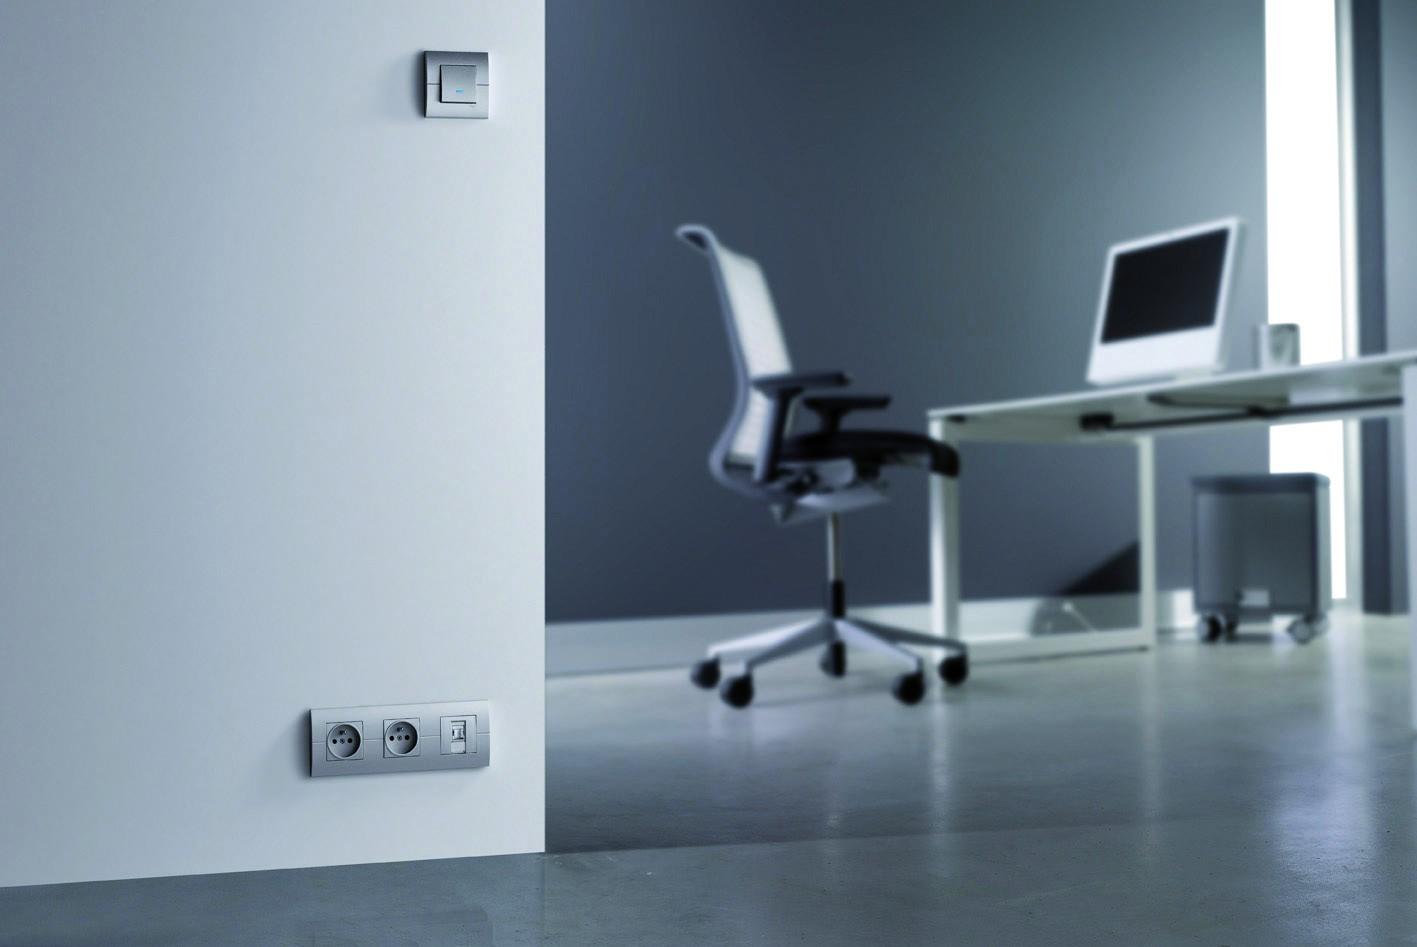 Традиционная проводка в стене, электроустановочные изделия серии Systo от компании HAGER